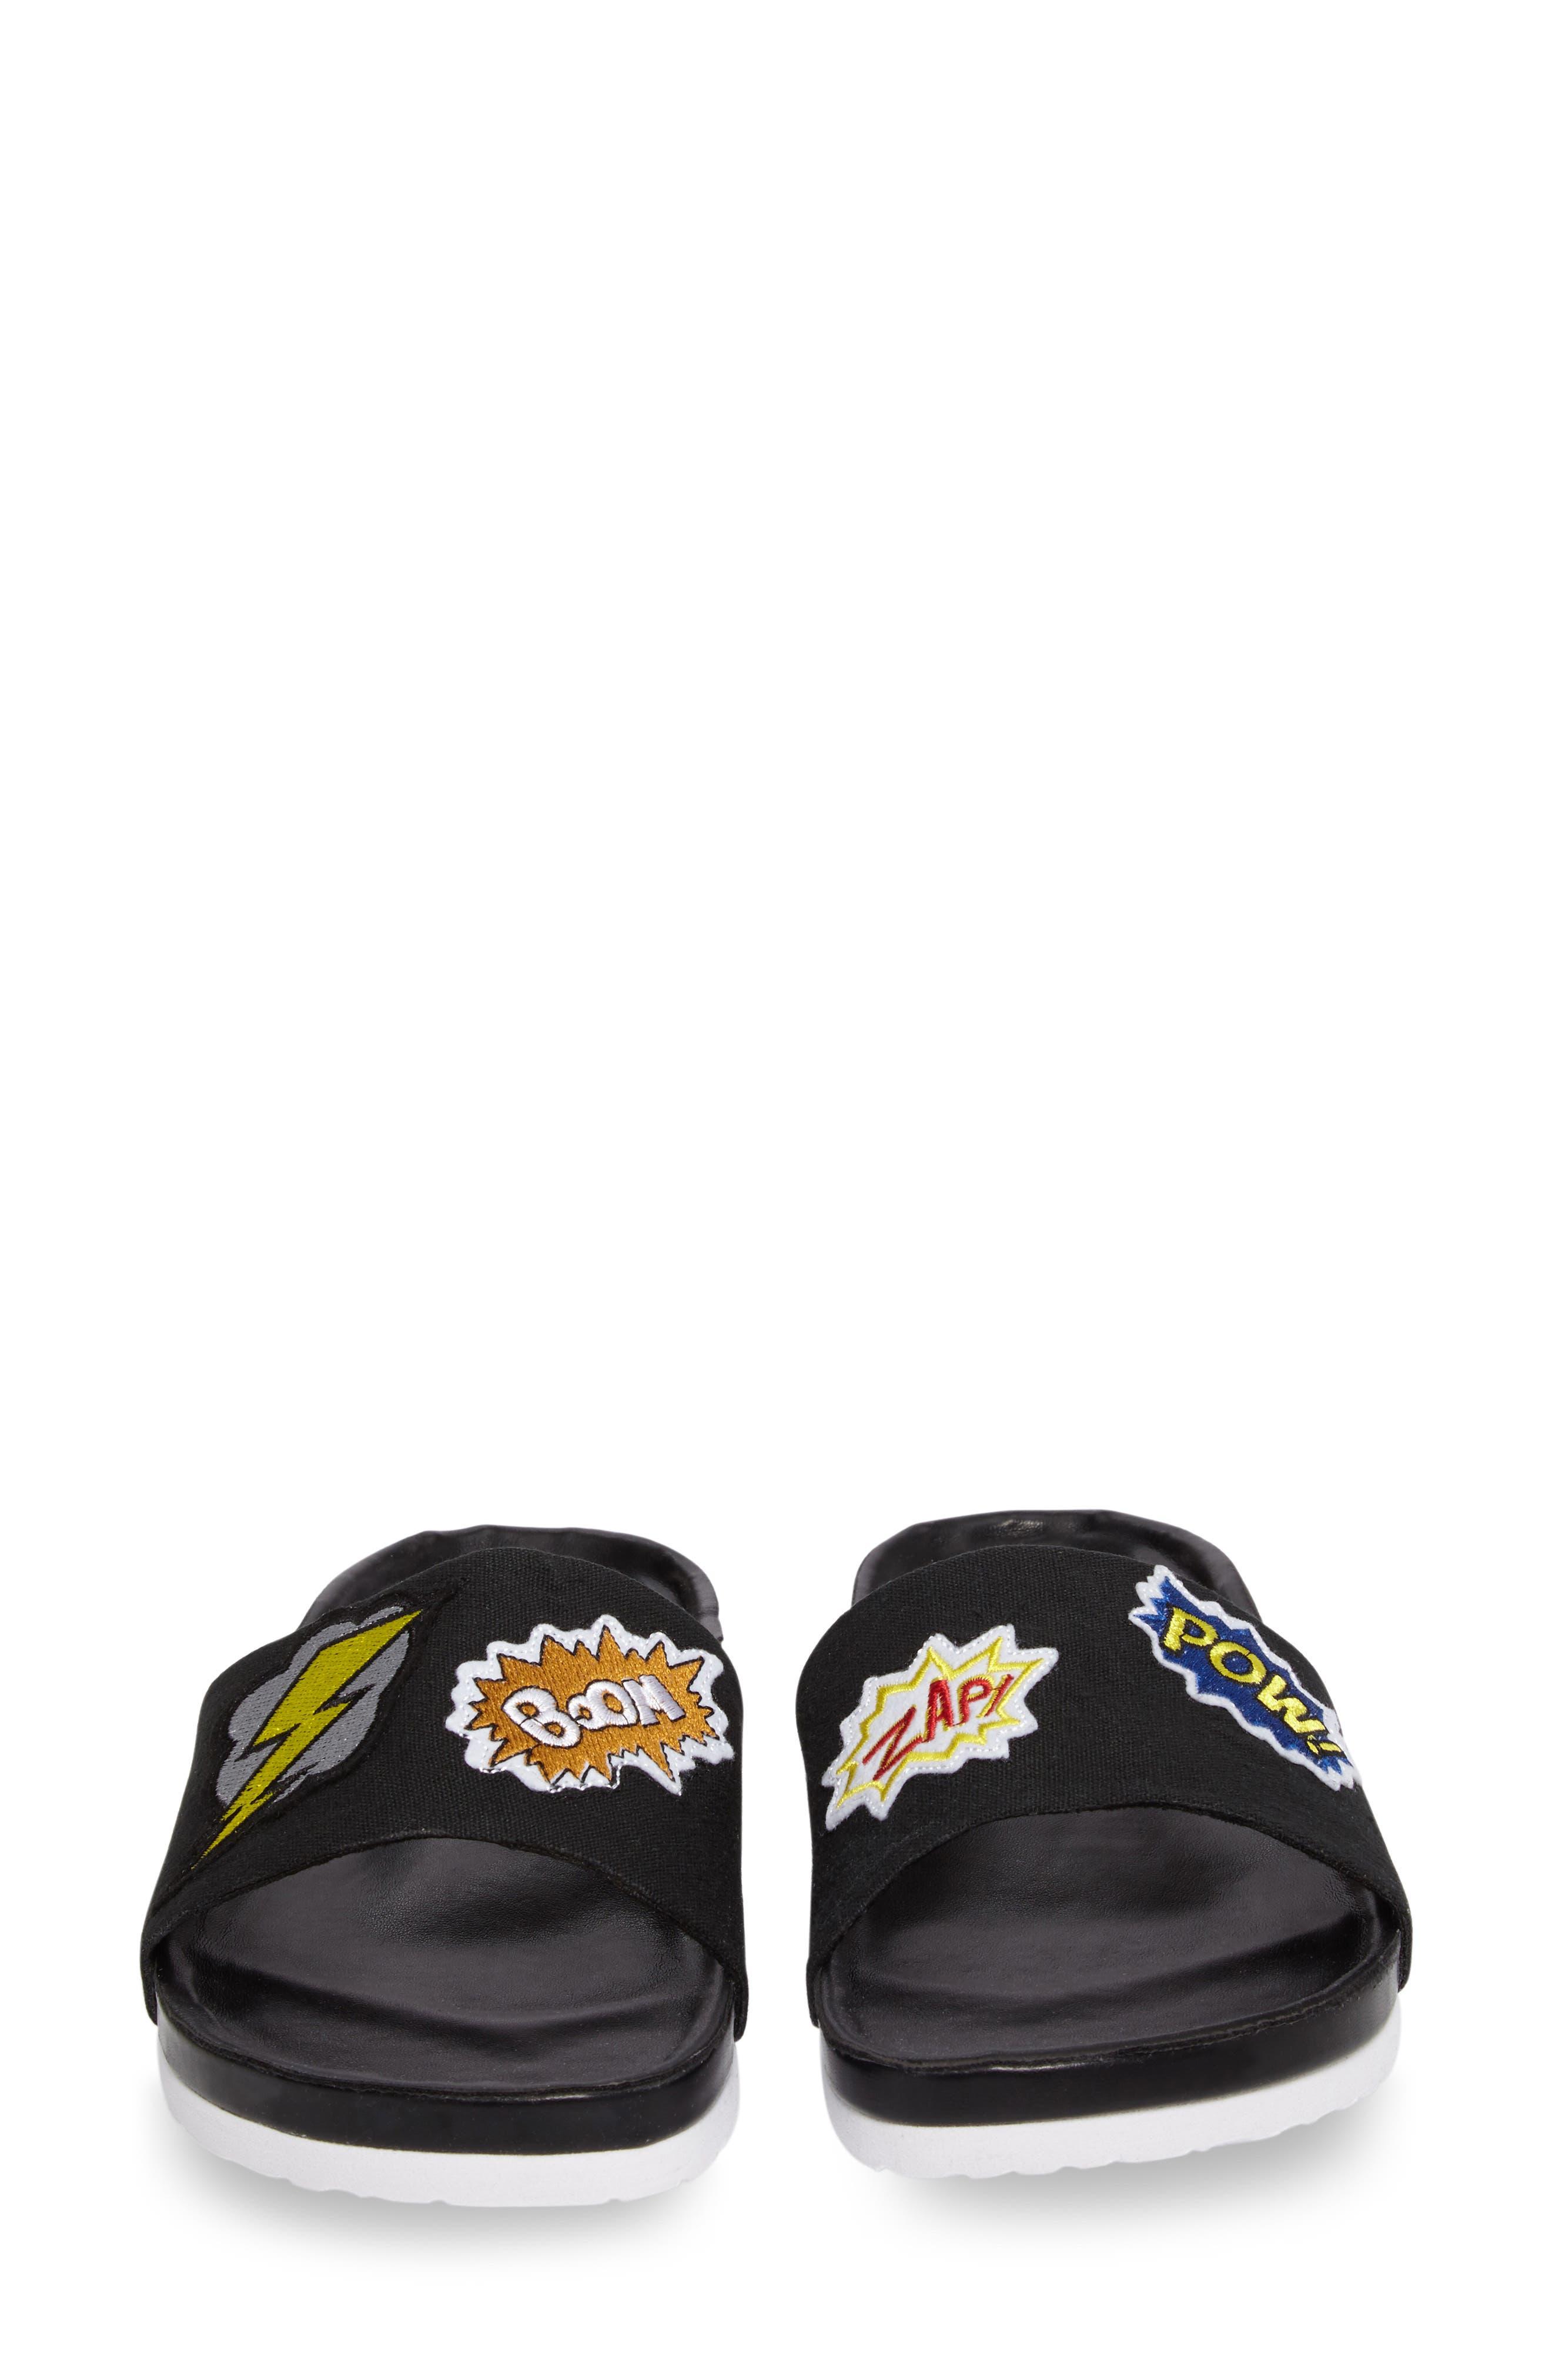 Slide Sandal,                             Alternate thumbnail 5, color,                             001